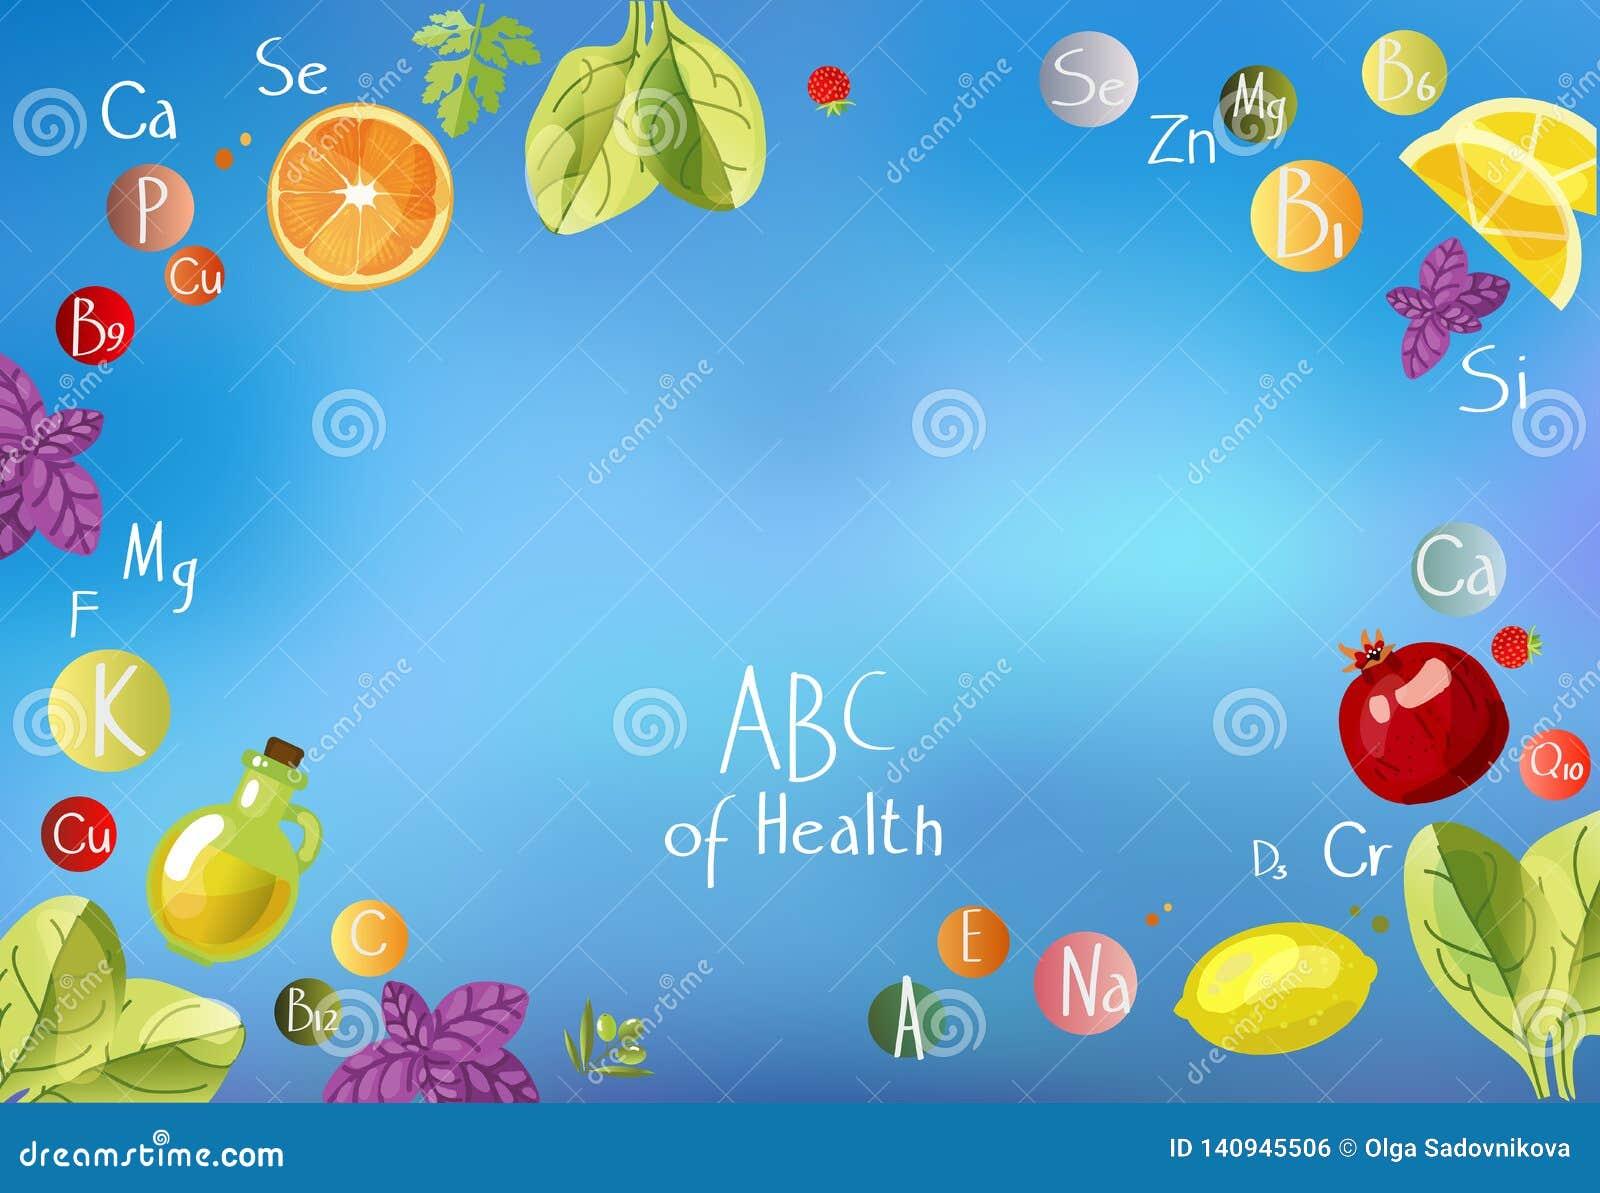 ABC de santé une dispersion des vitamines